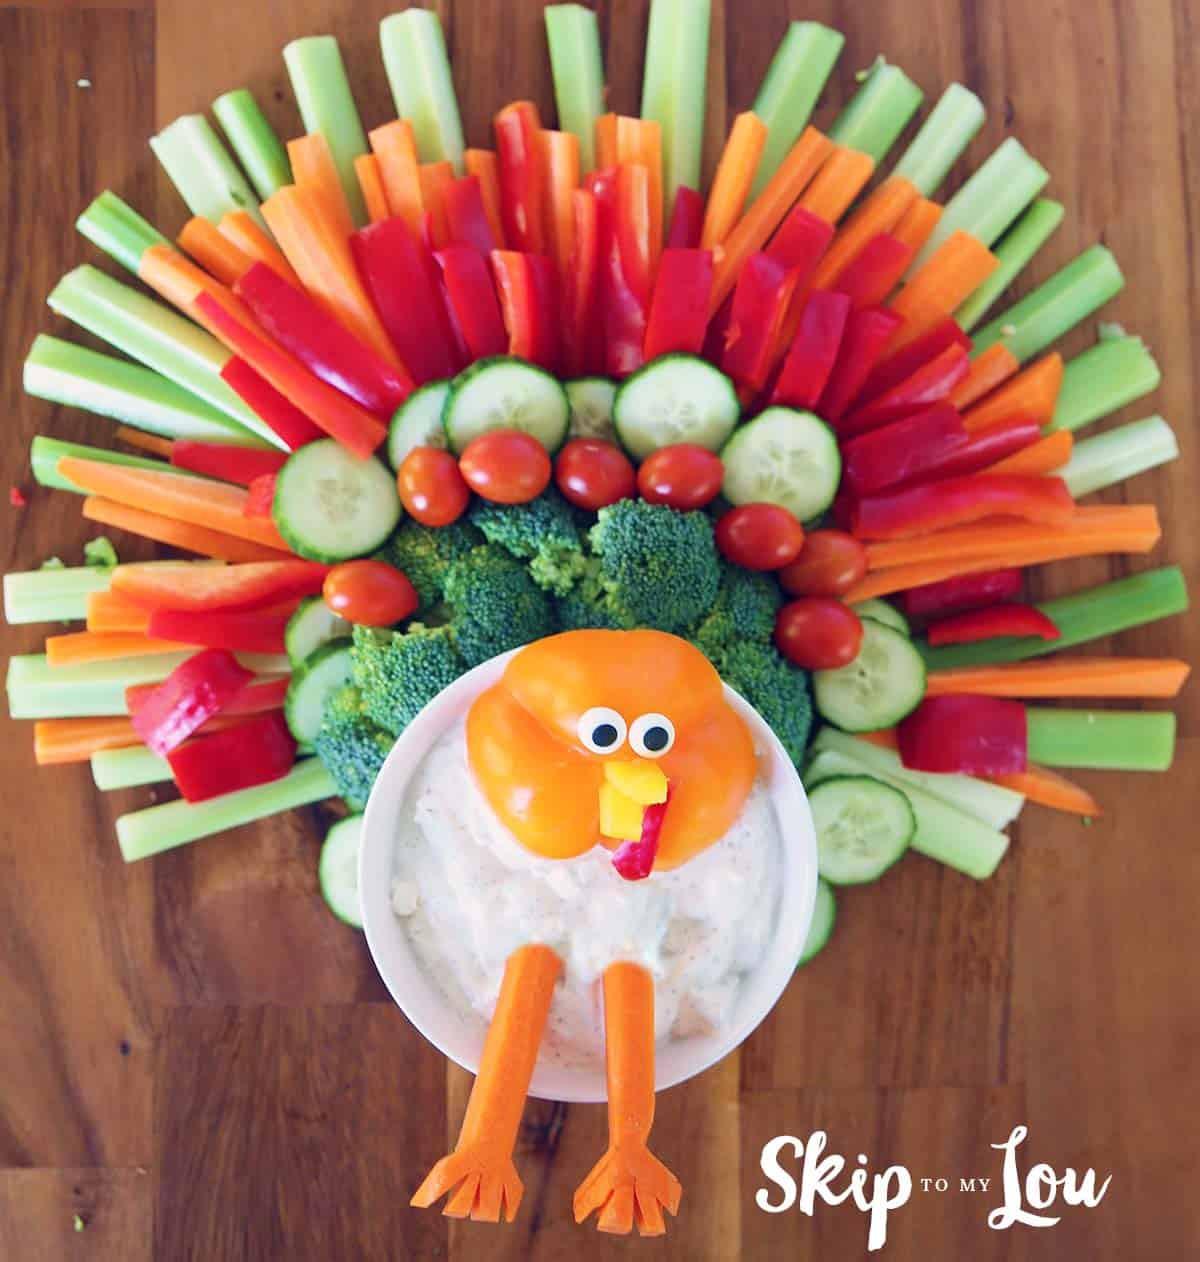 Thanksgiving Turkey Platter  Homemade Ranch Dip Veggie Tray Ideas